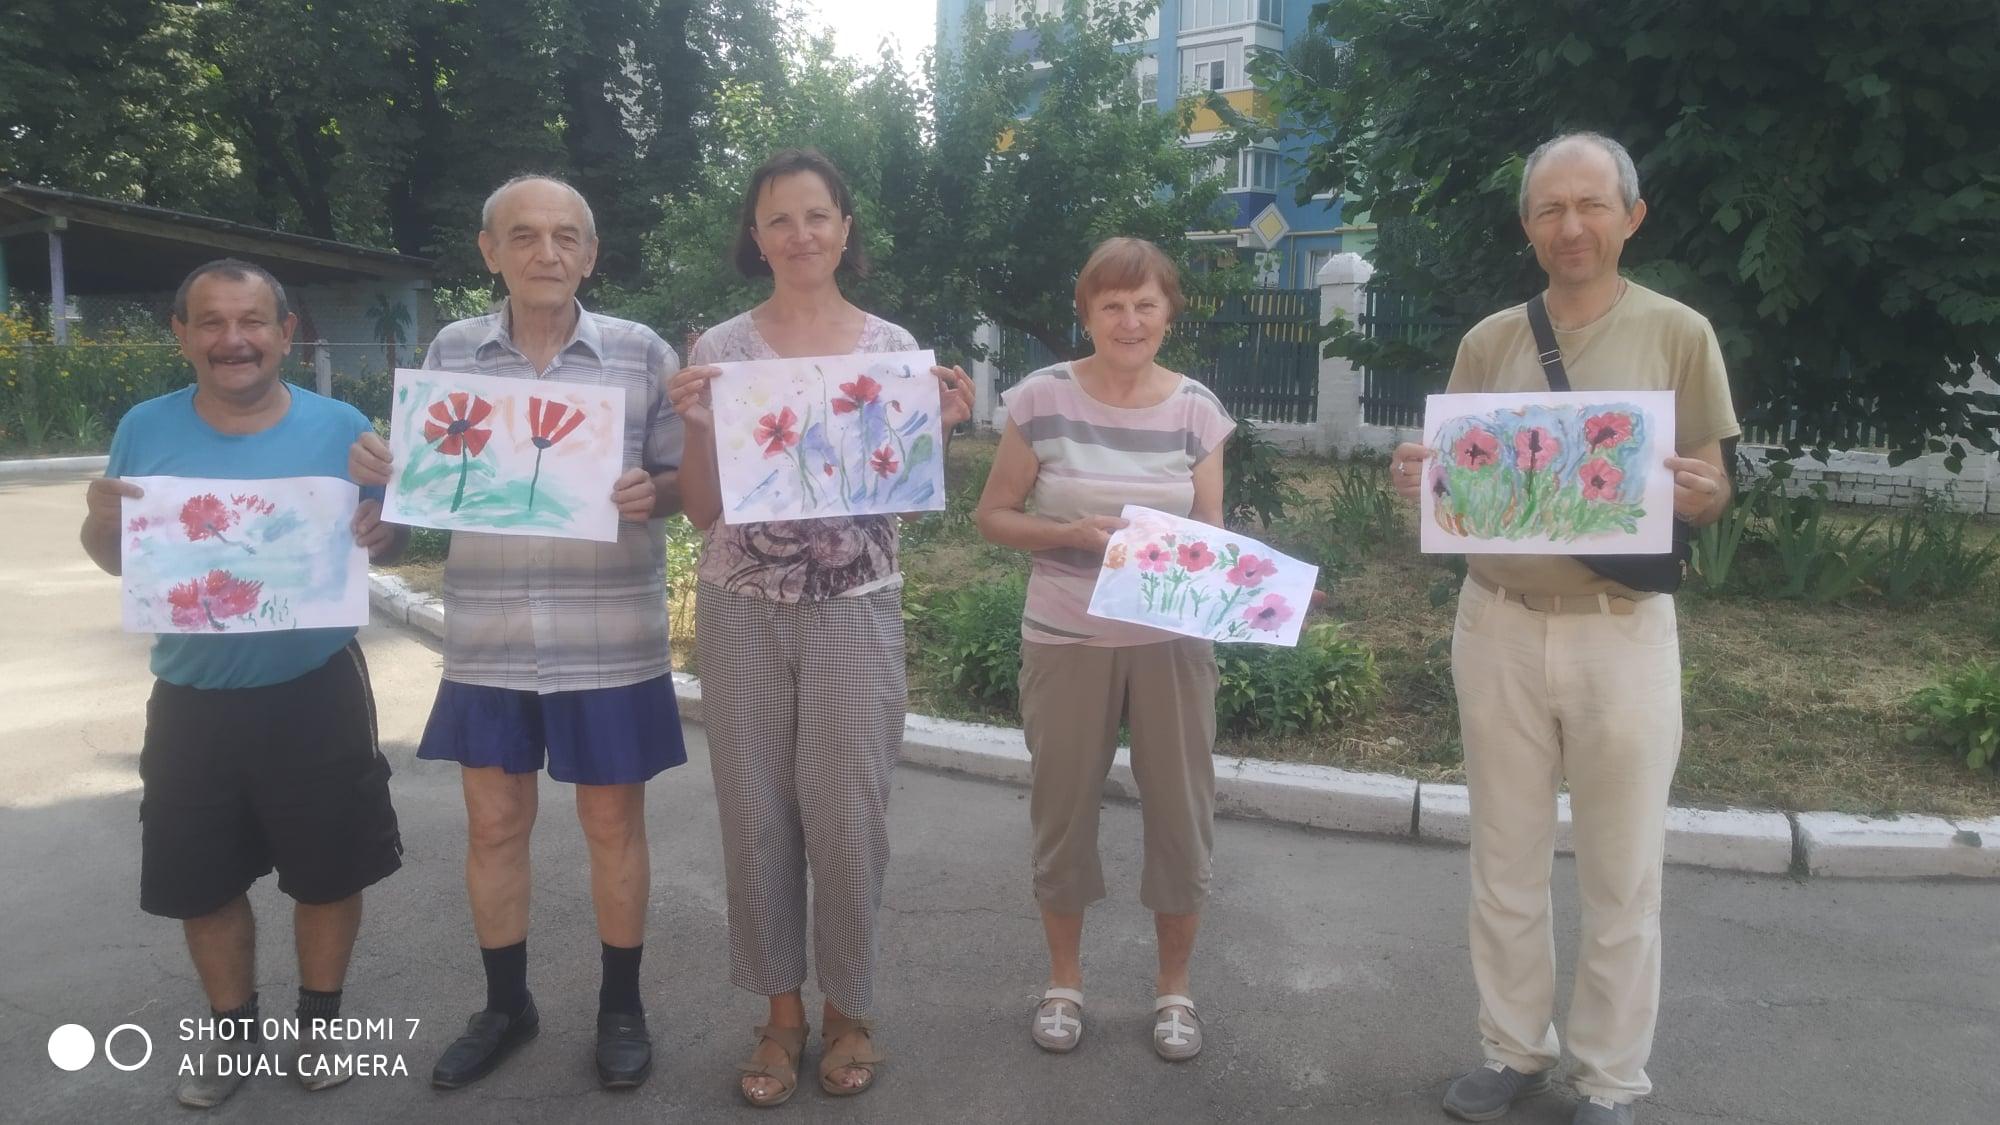 У Чернігові пенсіонери створювали талісмани для домівок (Фотофакт)